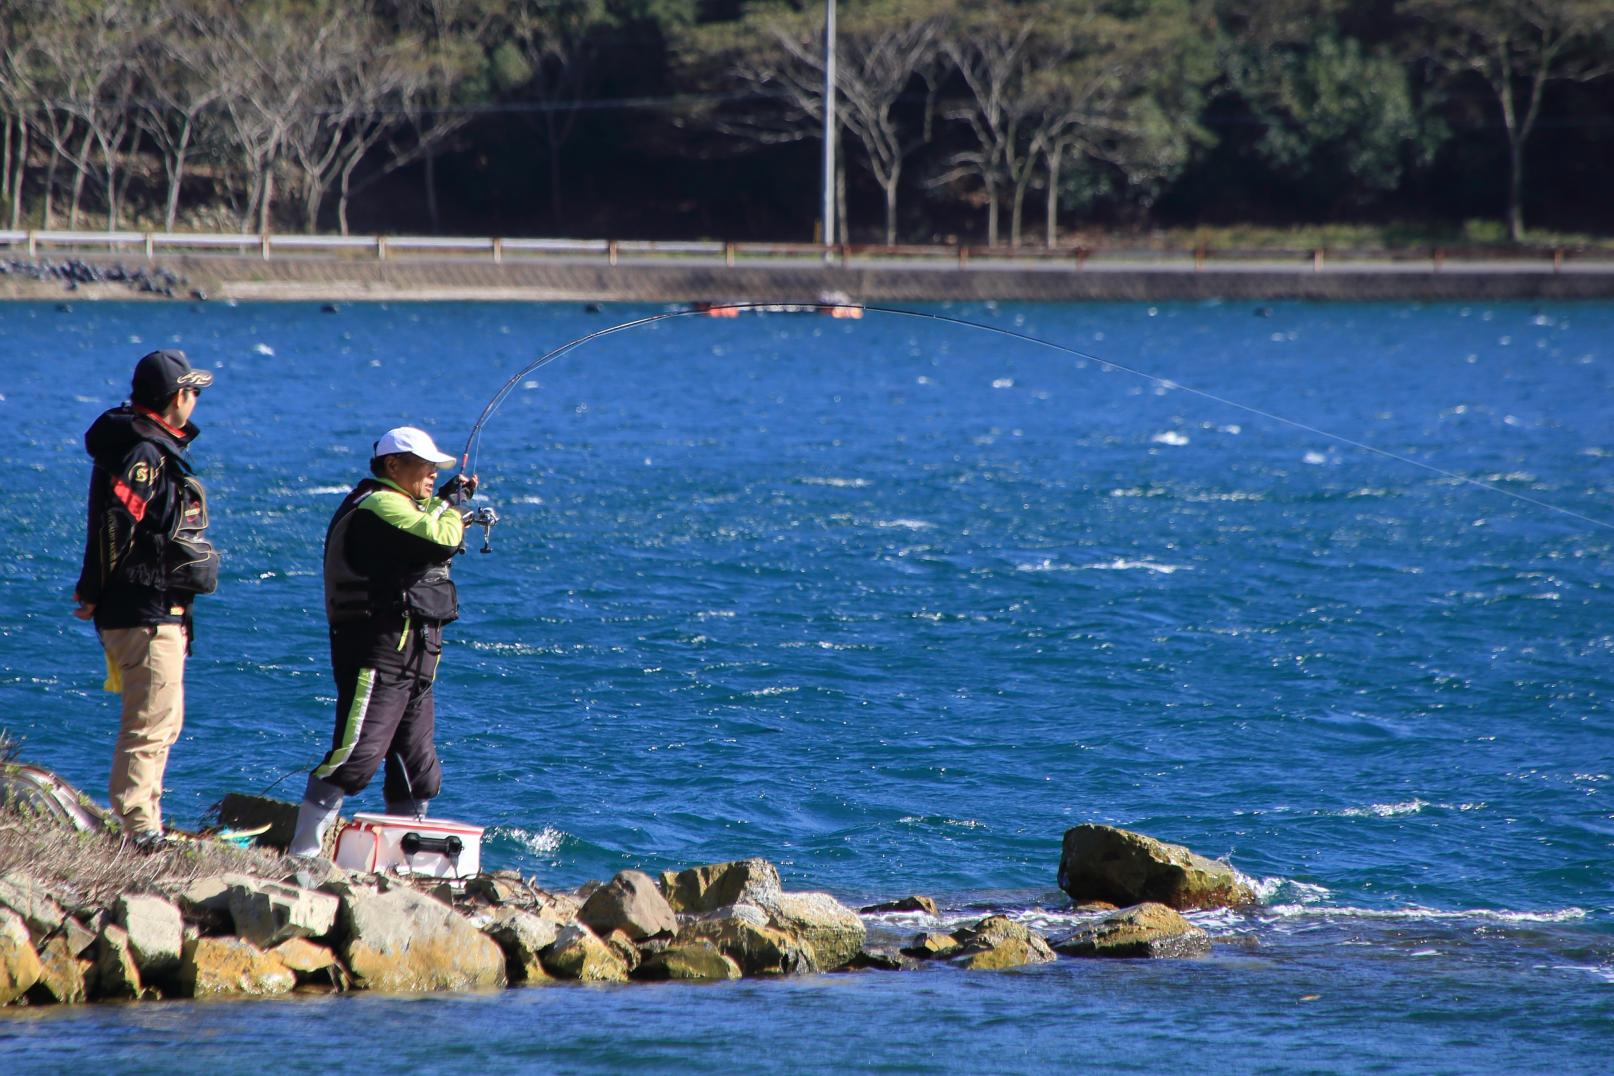 磯釣り体験 | 体験 | 【公式】新上五島町観光なび